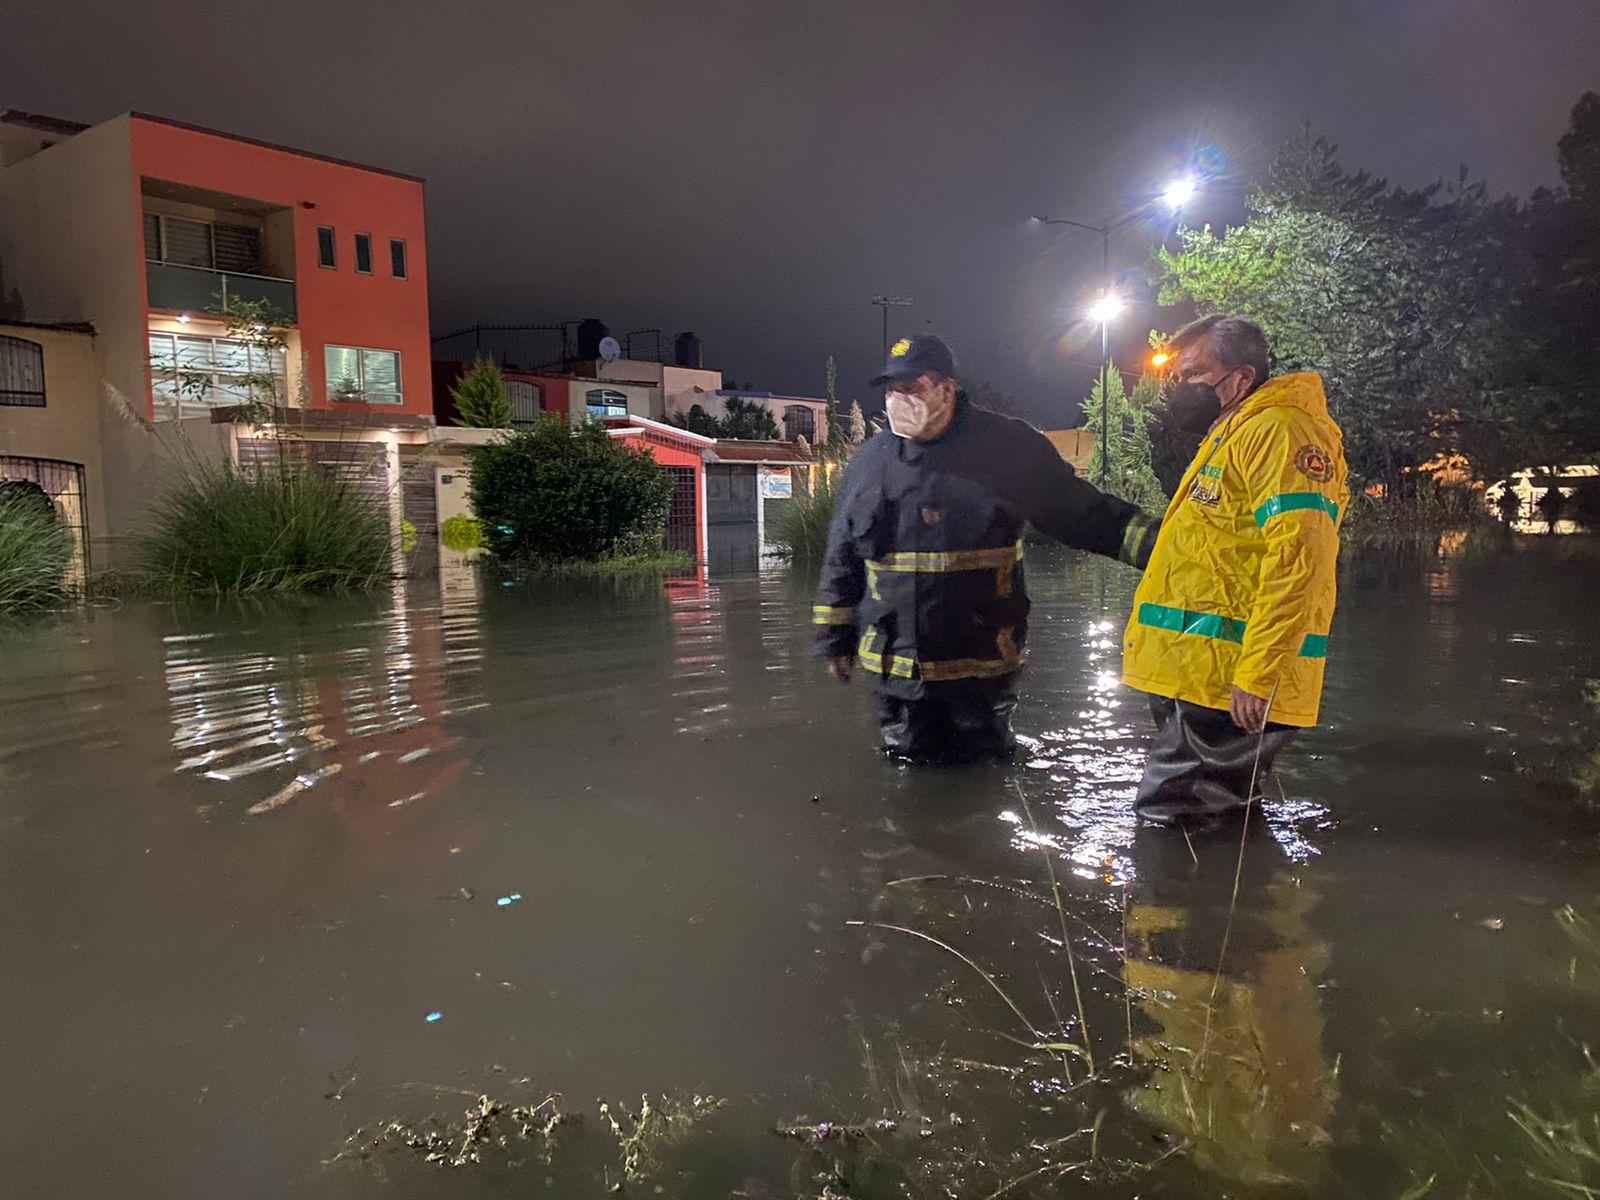 El alcalde de Cuautitlán Izcalli Ricardo Núñez en la Zona Inundada